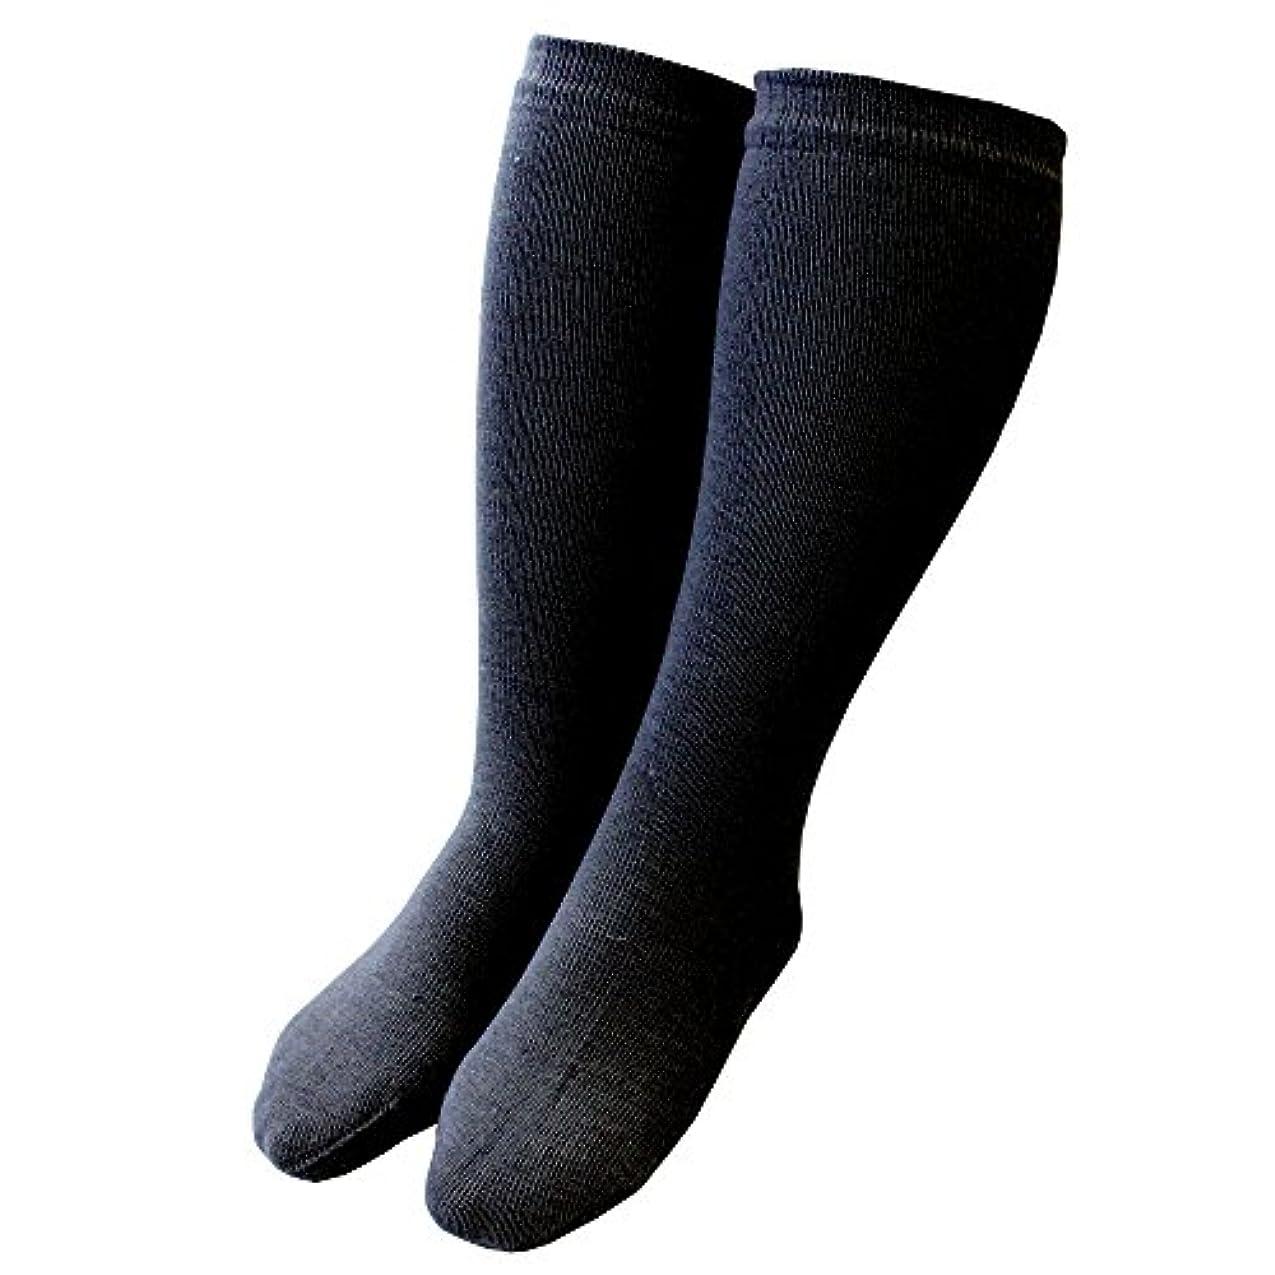 バルブ着服見習いカカトクリニック ハイソックス 履くだけ保湿 かかと 靴下 角質ケア 日本製 (ブラック, ハイソックス)